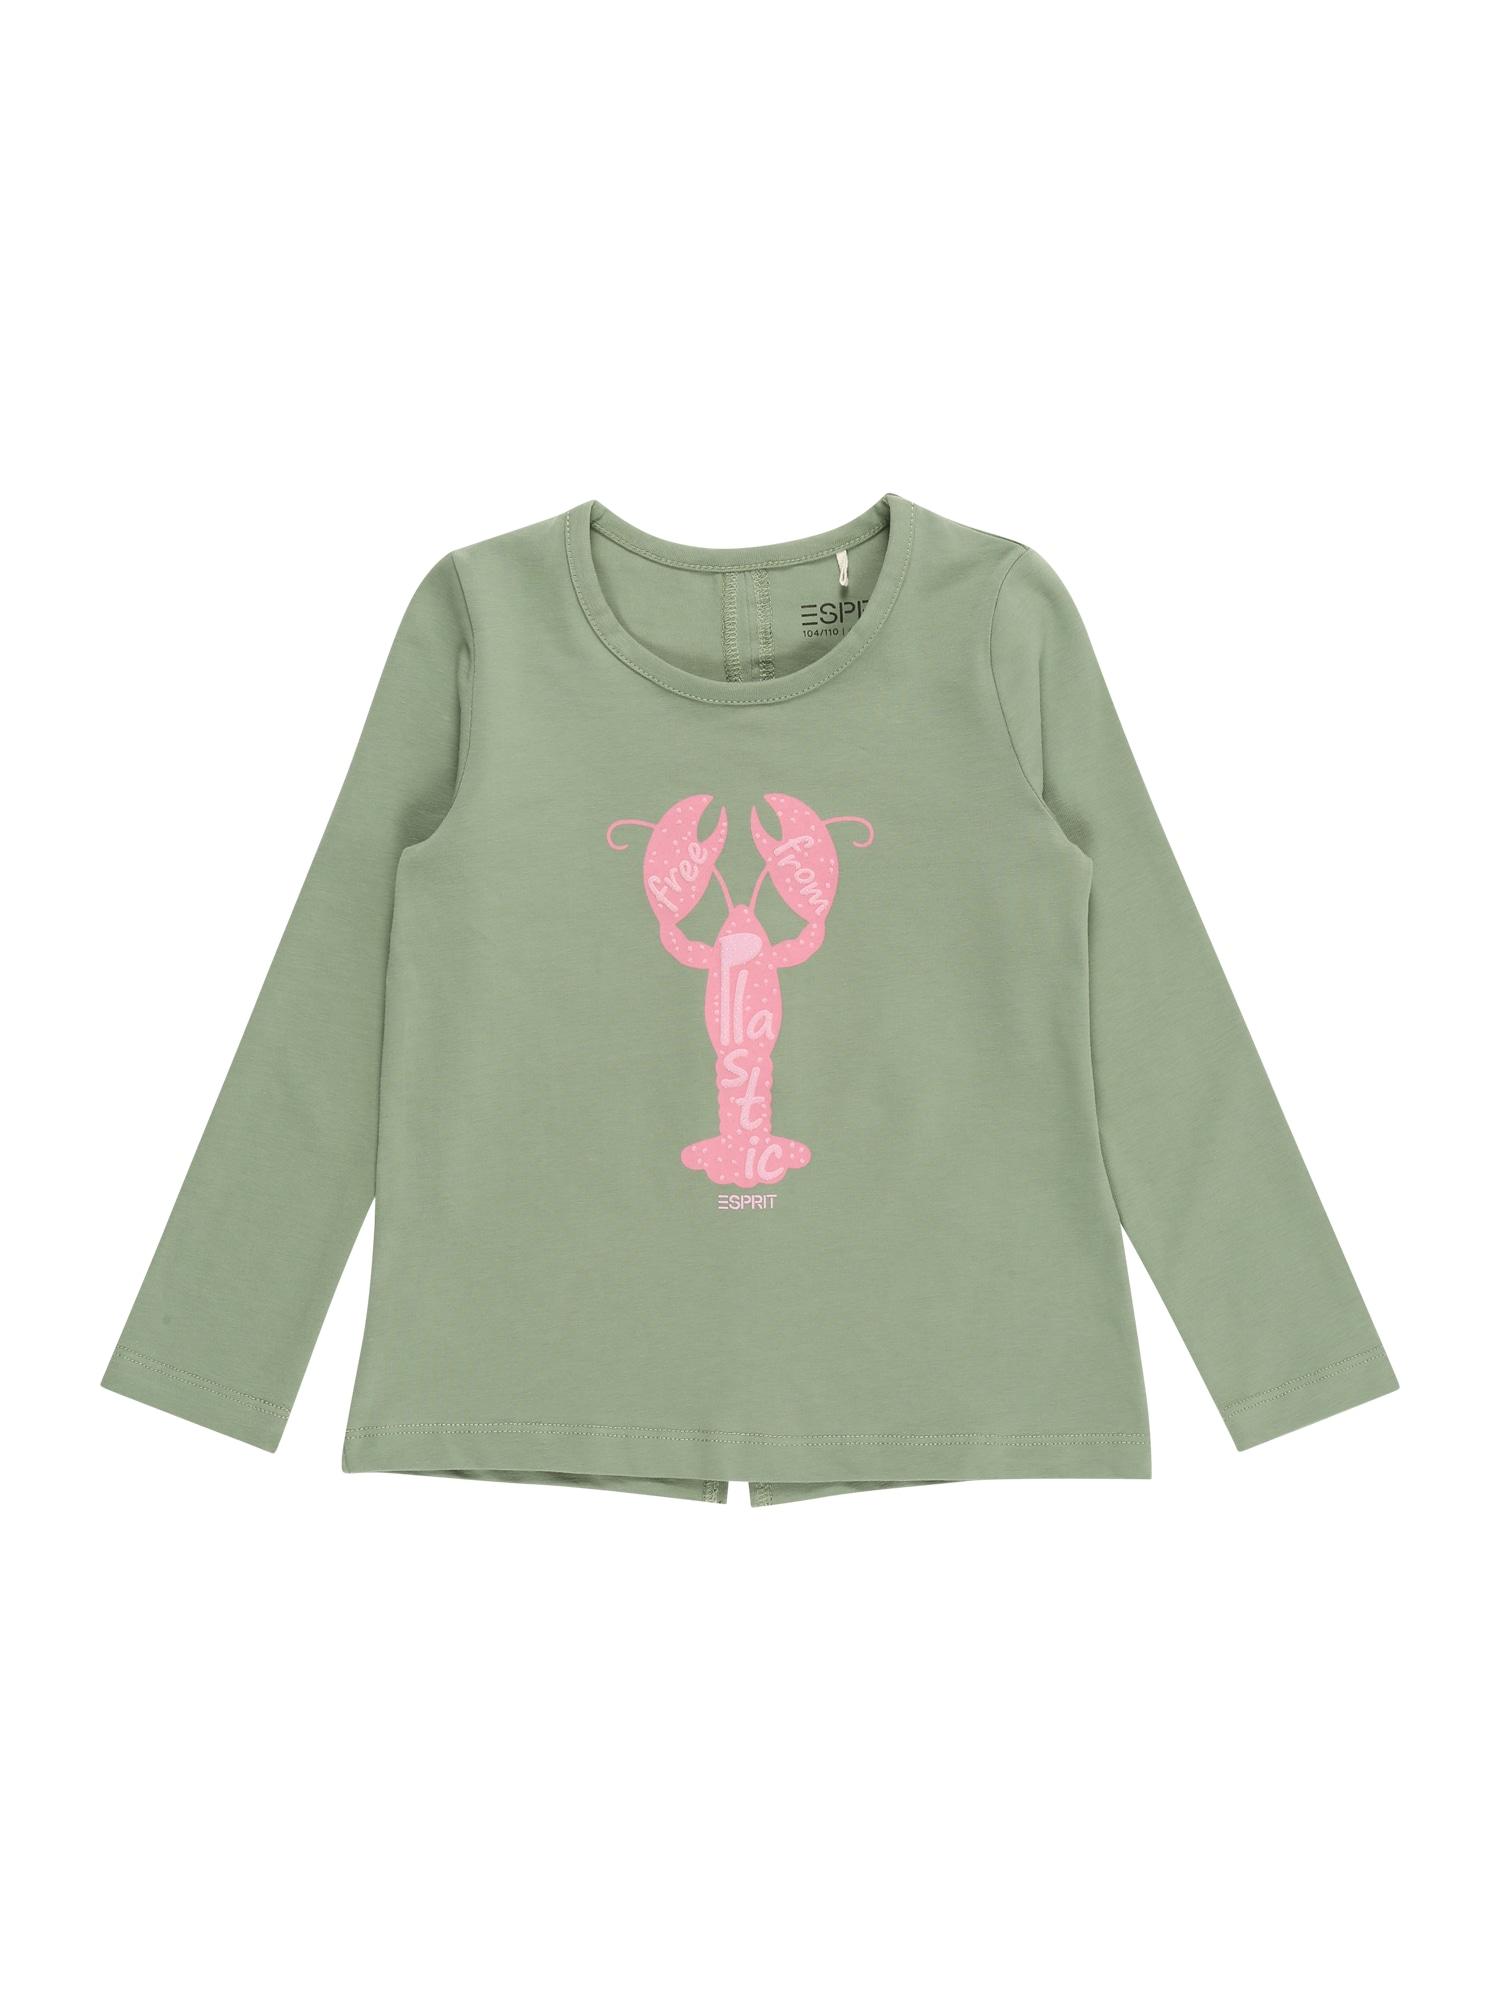 ESPRIT KIDS Marškinėliai rusvai žalia / rožinė